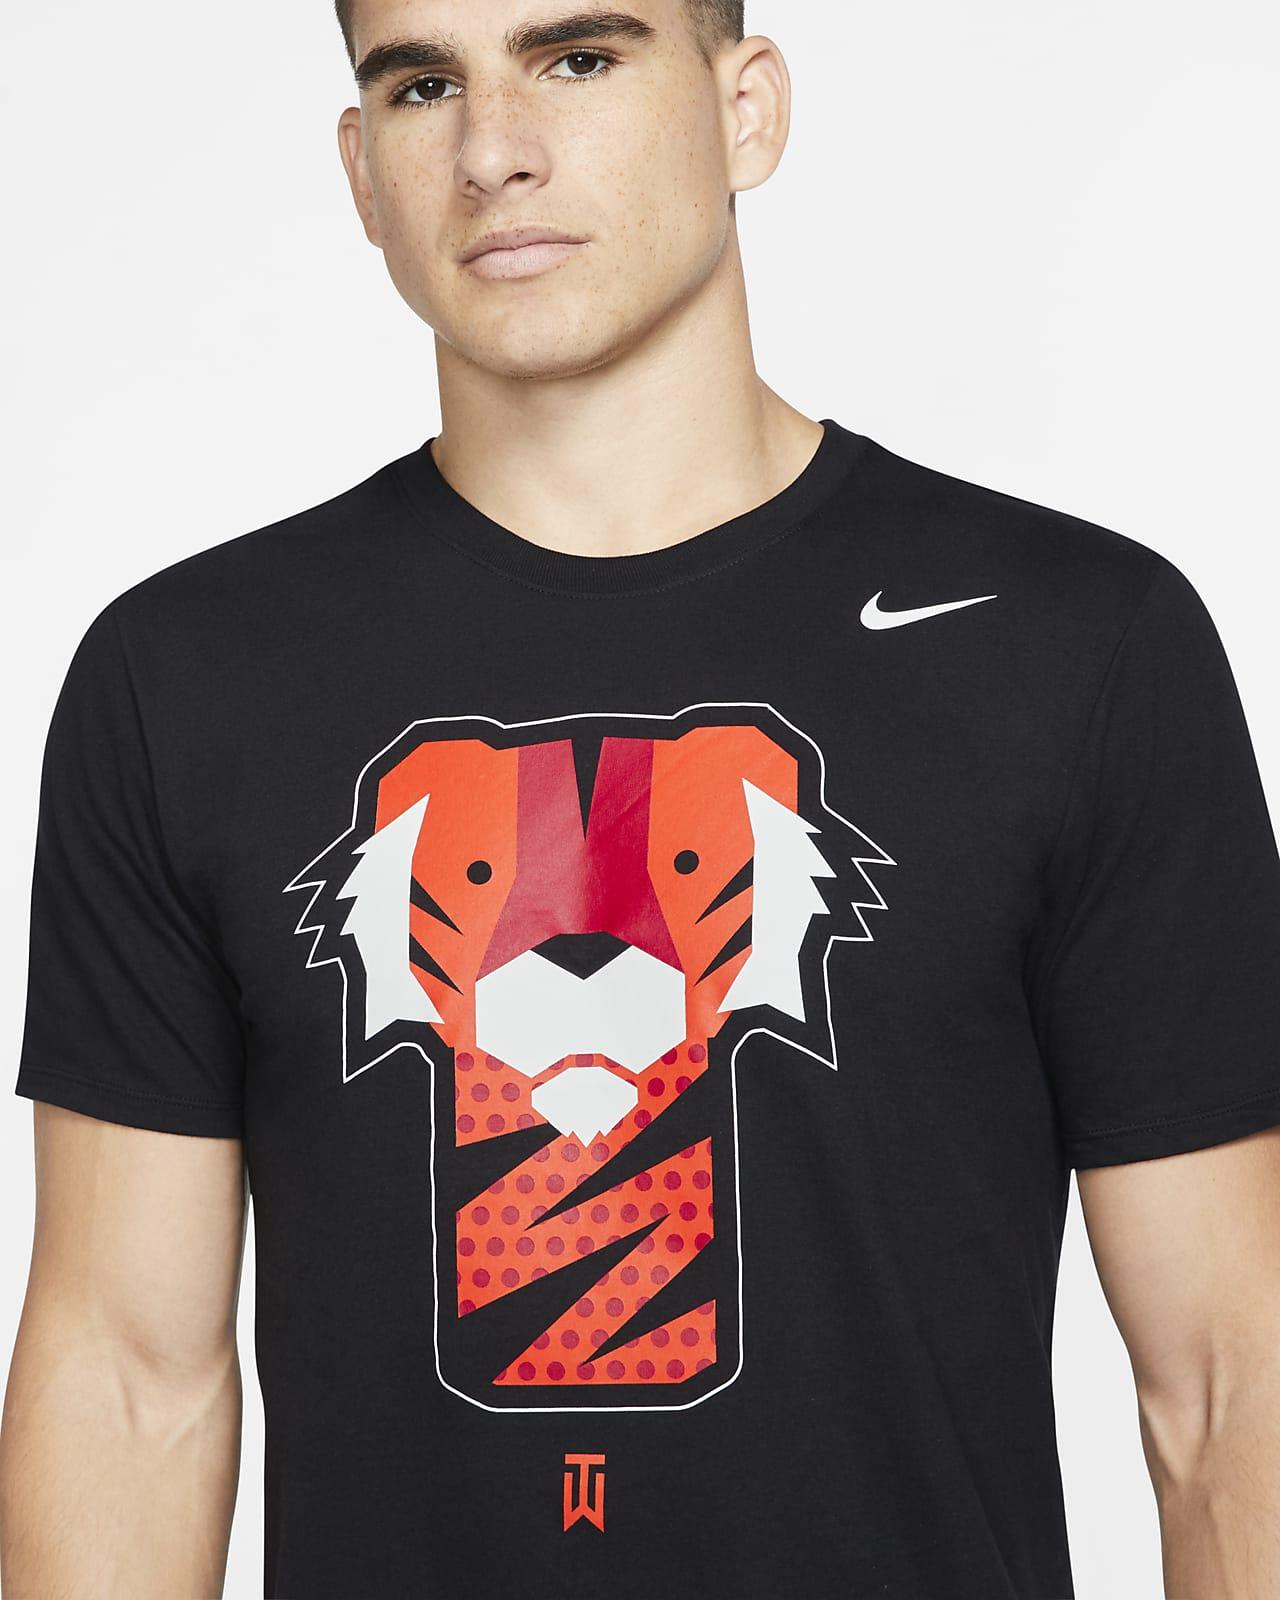 خزانة انا اريد زمن nike t shirt tiger woods - sjvbca.org